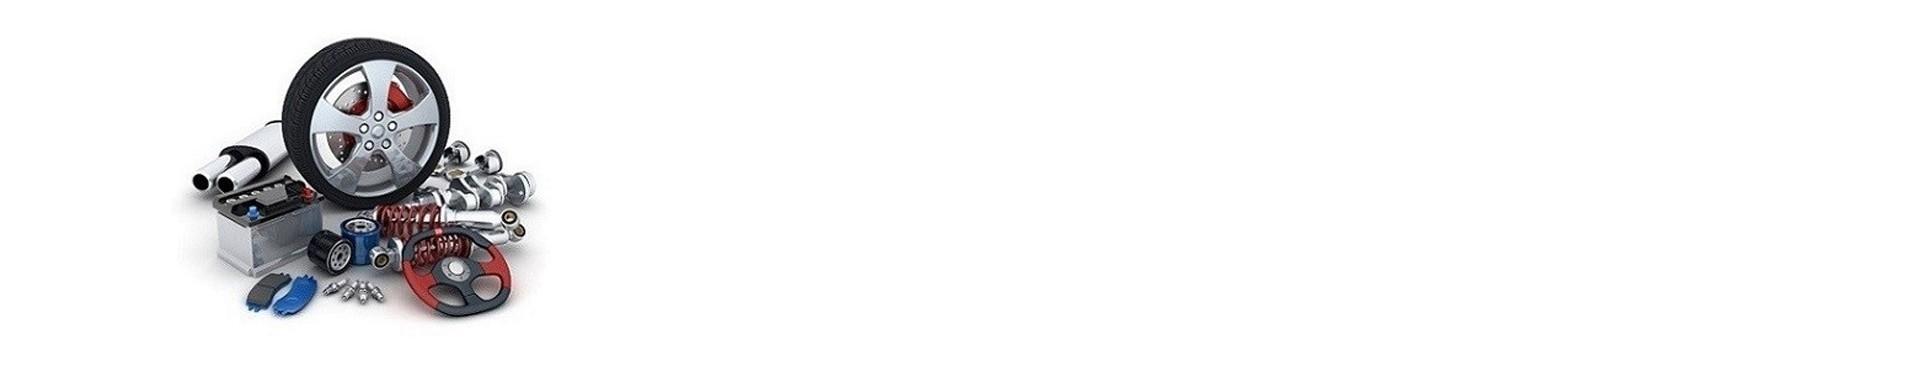 Cremallera dirección, rótulas y otras piezas de dirección - Coches SC